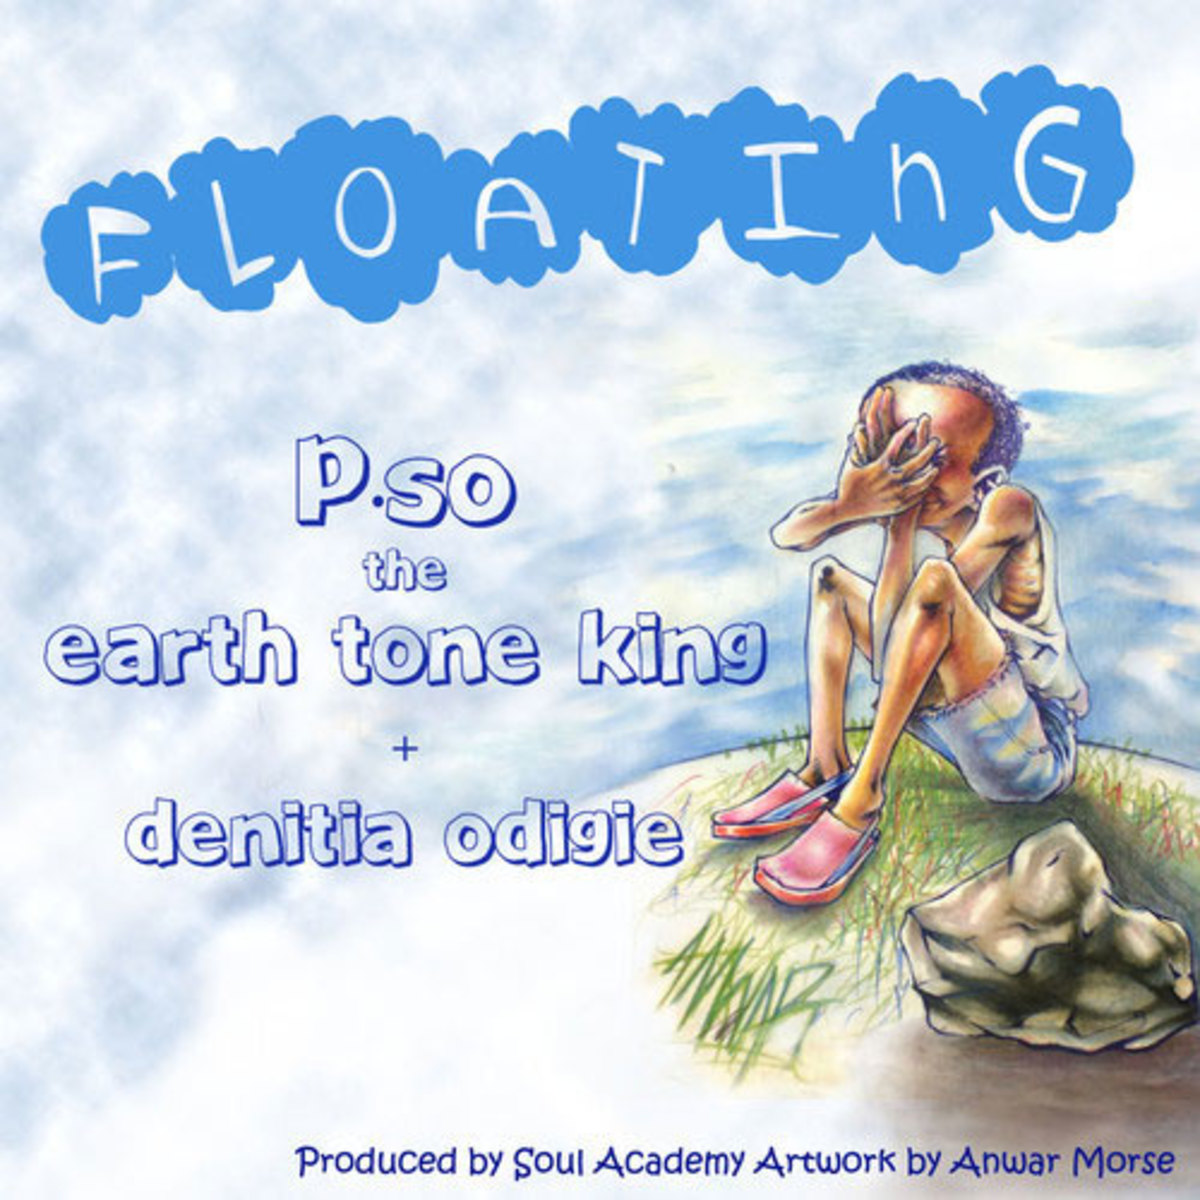 pso-floating.jpg